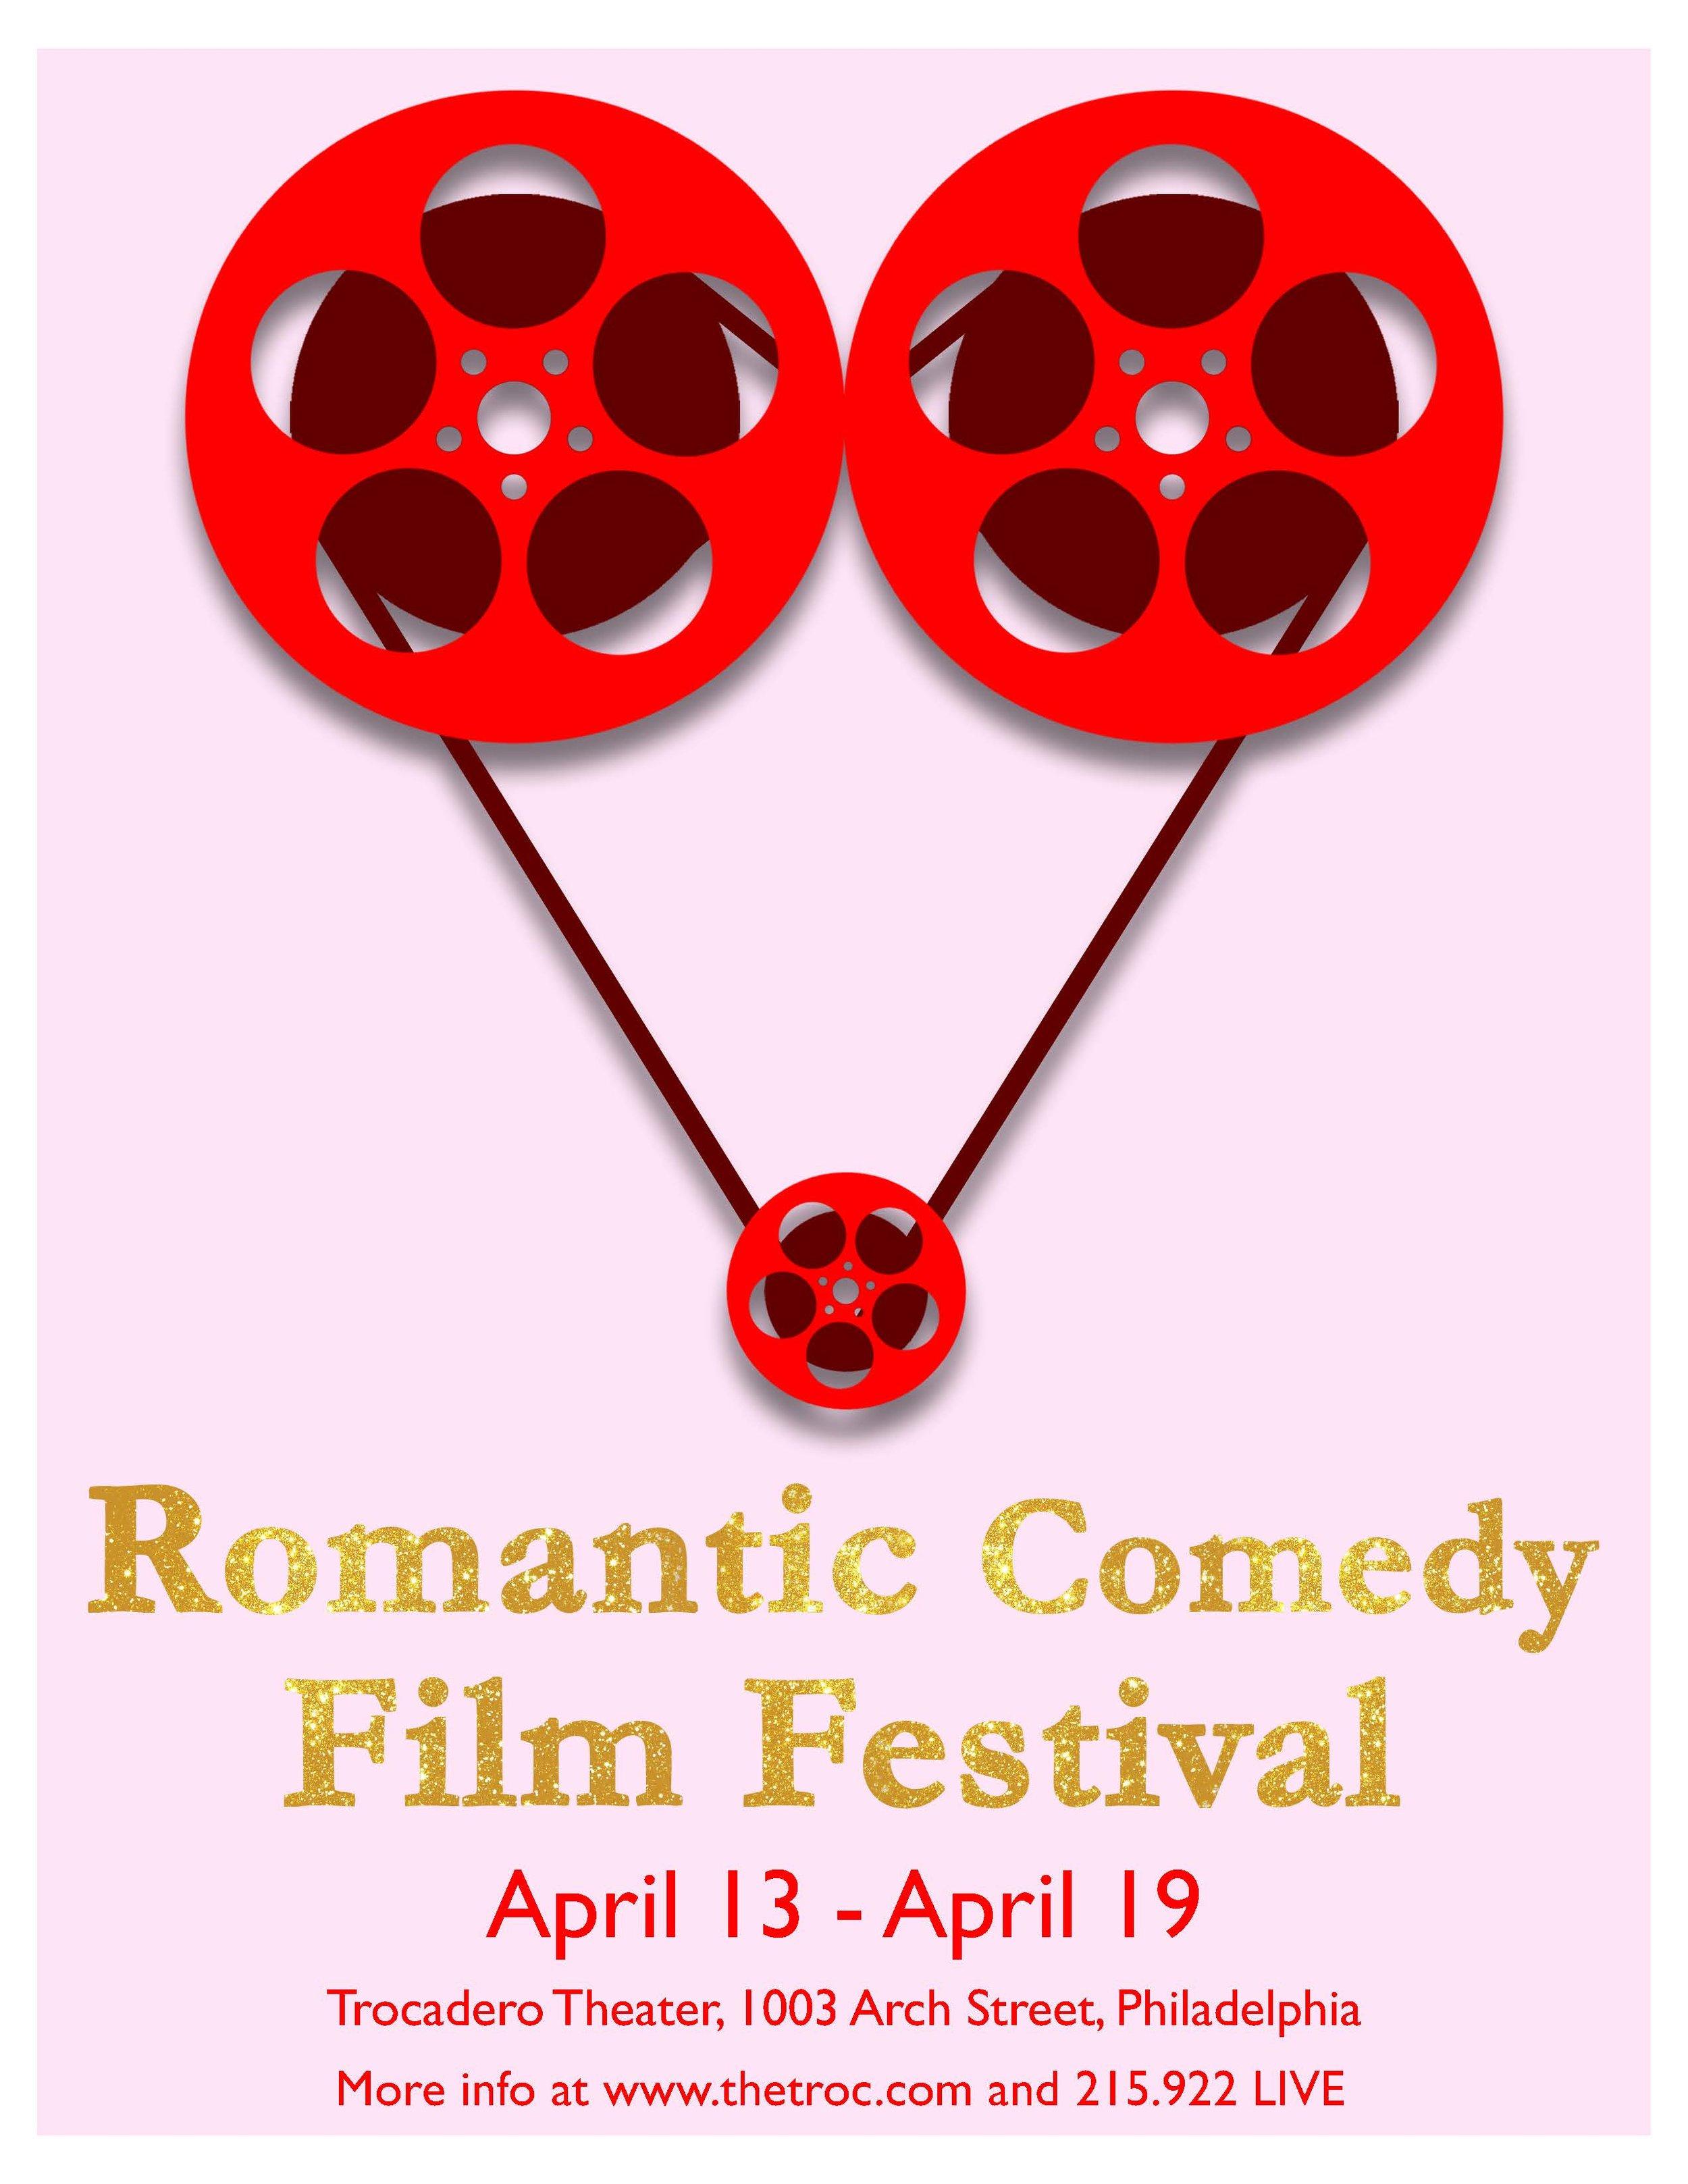 Romantic comedy film festival